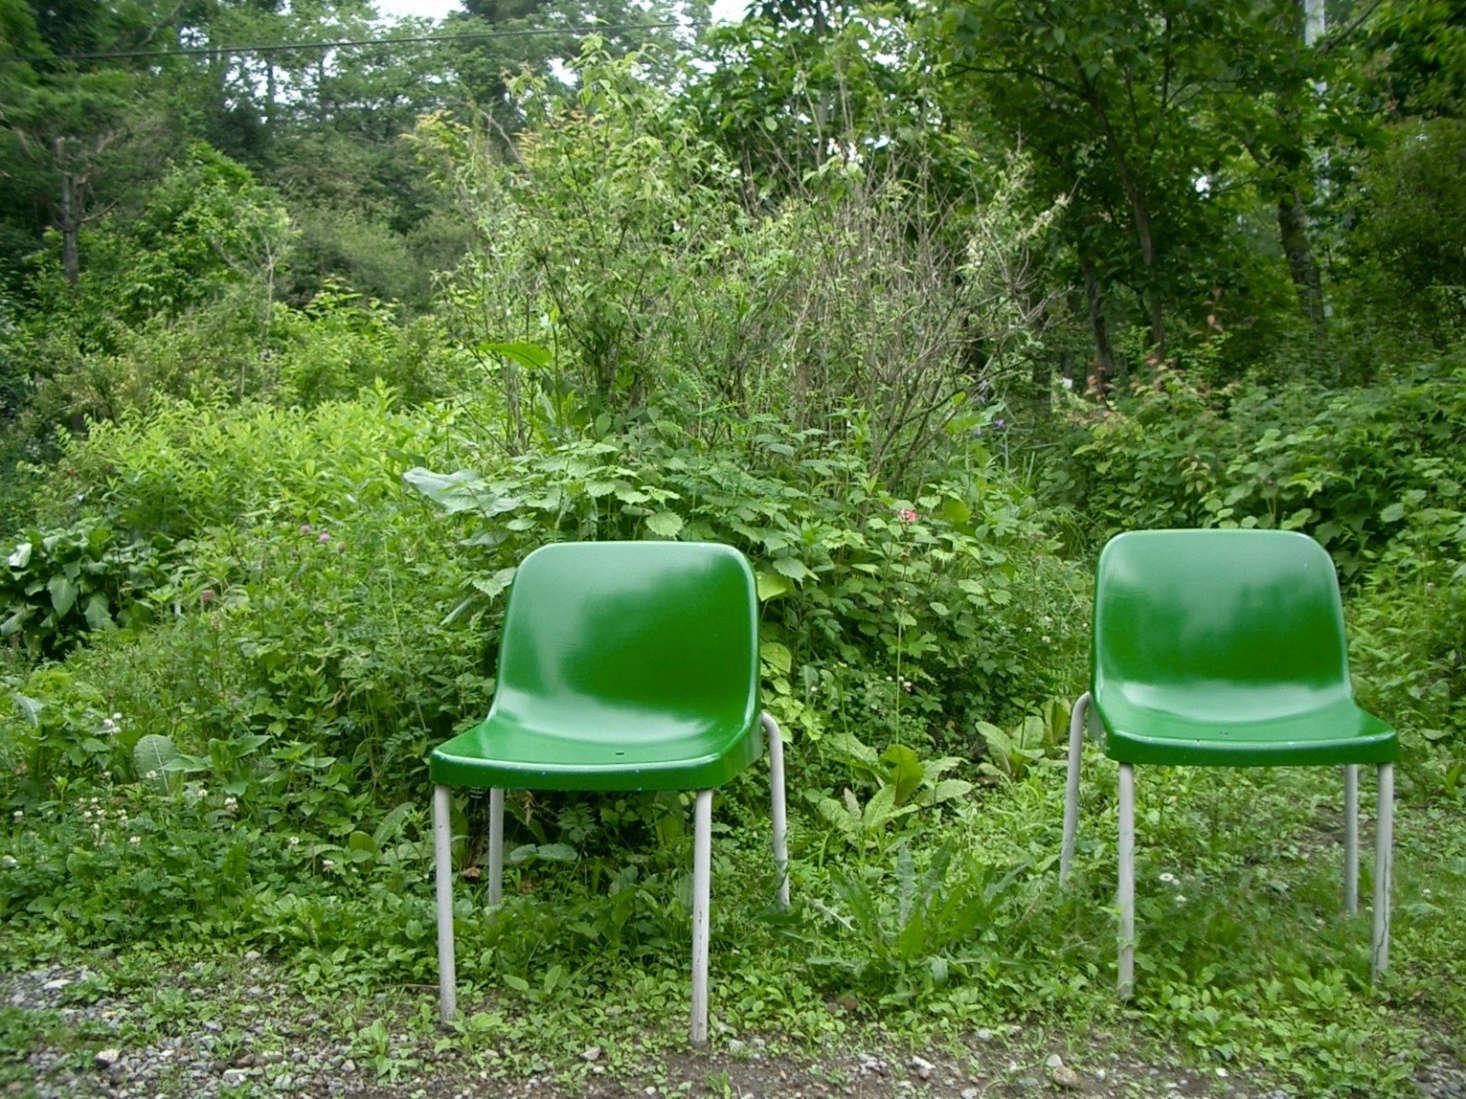 在北境中心,住在乡村中心,住在阳光下,一片绿色的花园,将在日本的一间校园里漫步。来自卡维纳的照片。